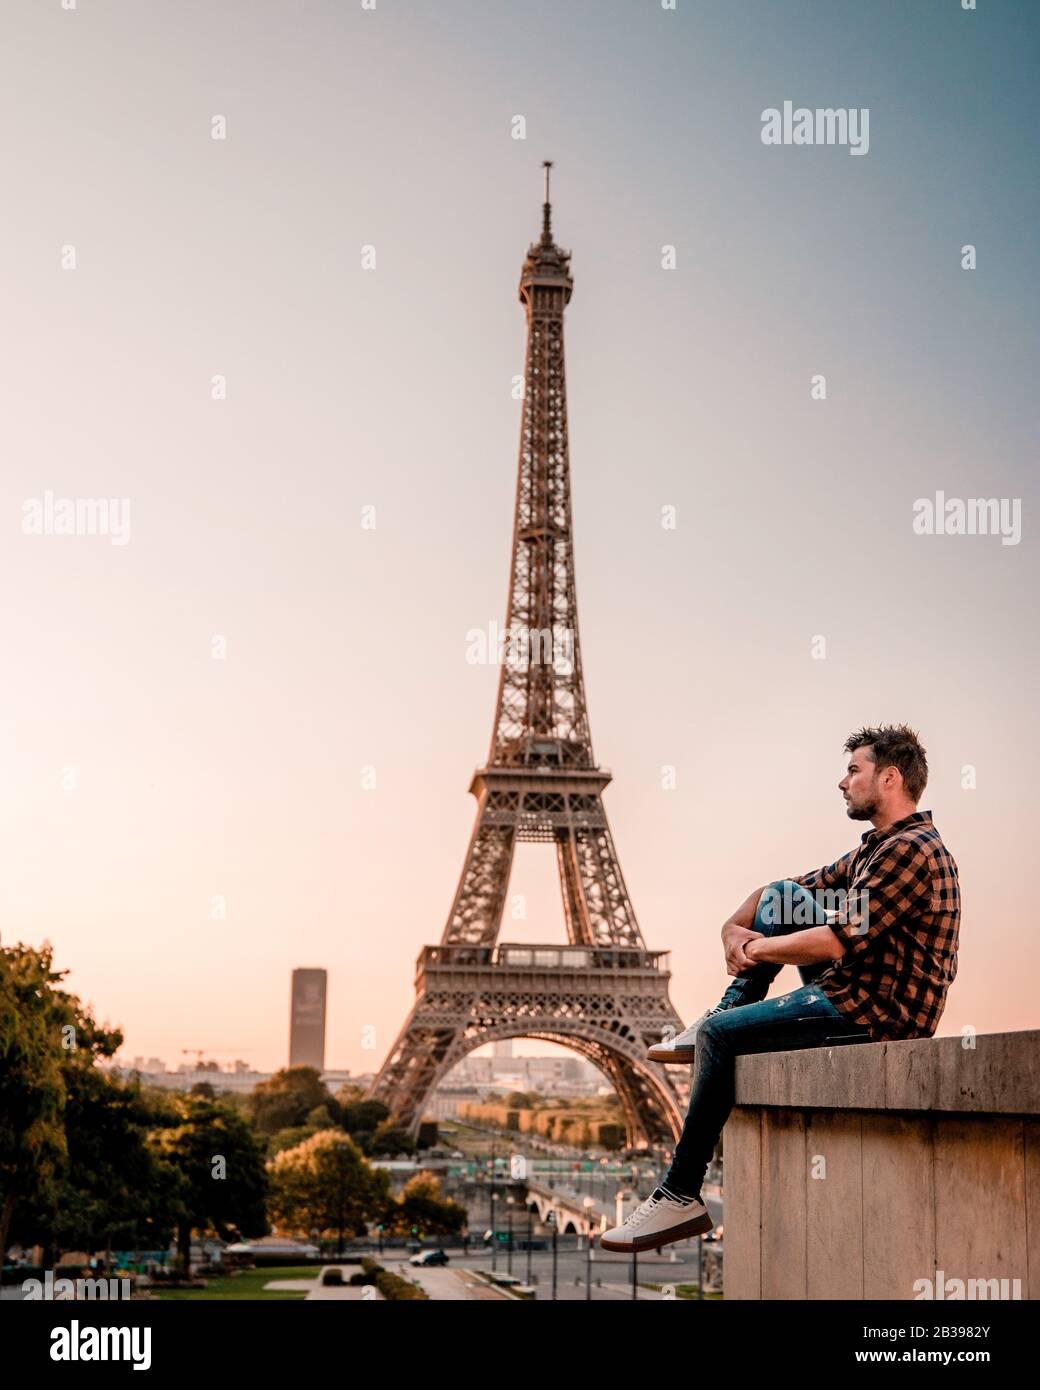 Jeunes hommes regardant la tour Eiffel à Paris. Guy touriste visitant Paris France par la tour eiffel Banque D'Images